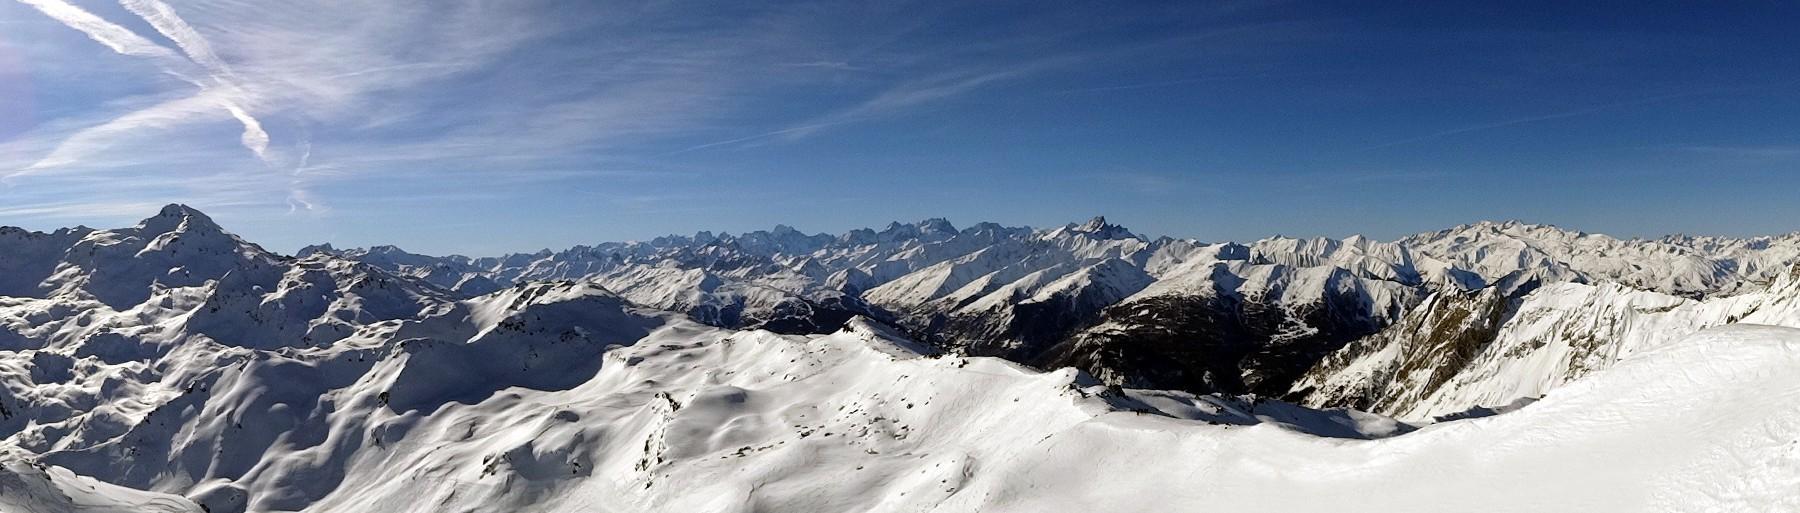 Eine verschneite Gebirgsformation bei strahlend blauem Himmel. Ideale Bedingungen für eine Skitour.